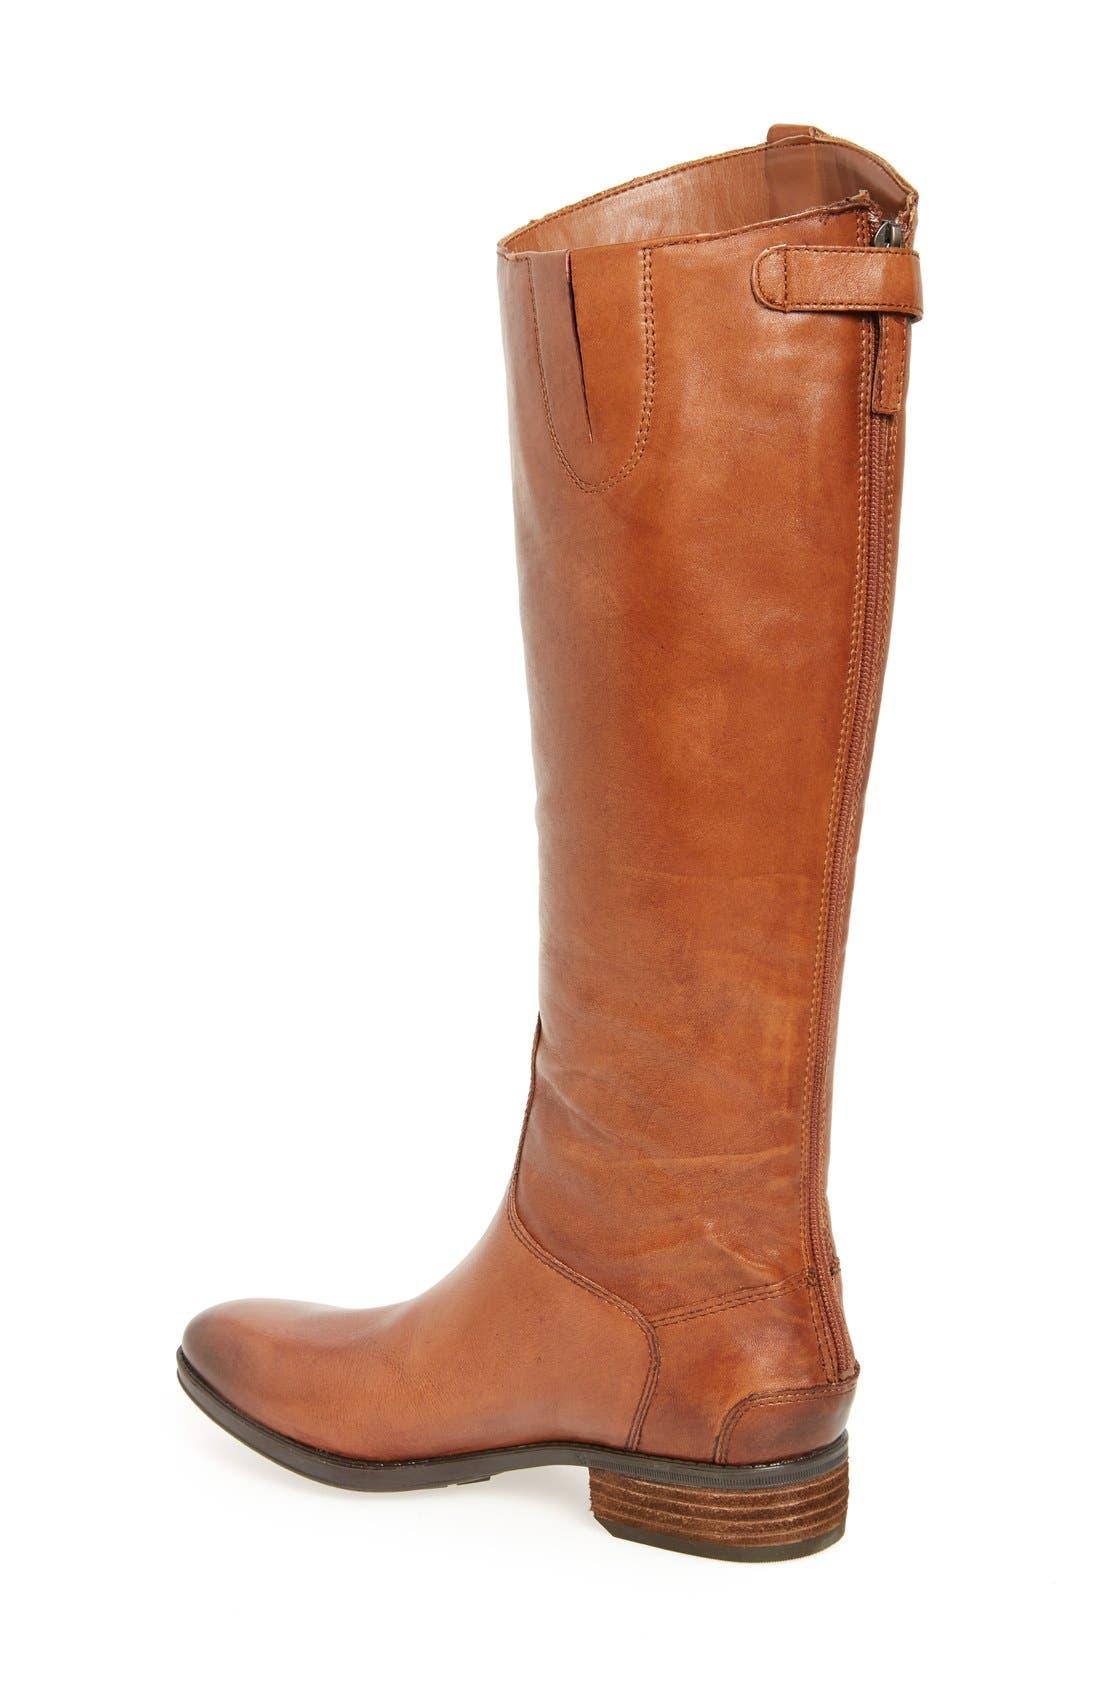 93221835aaf Women s Brown Boots